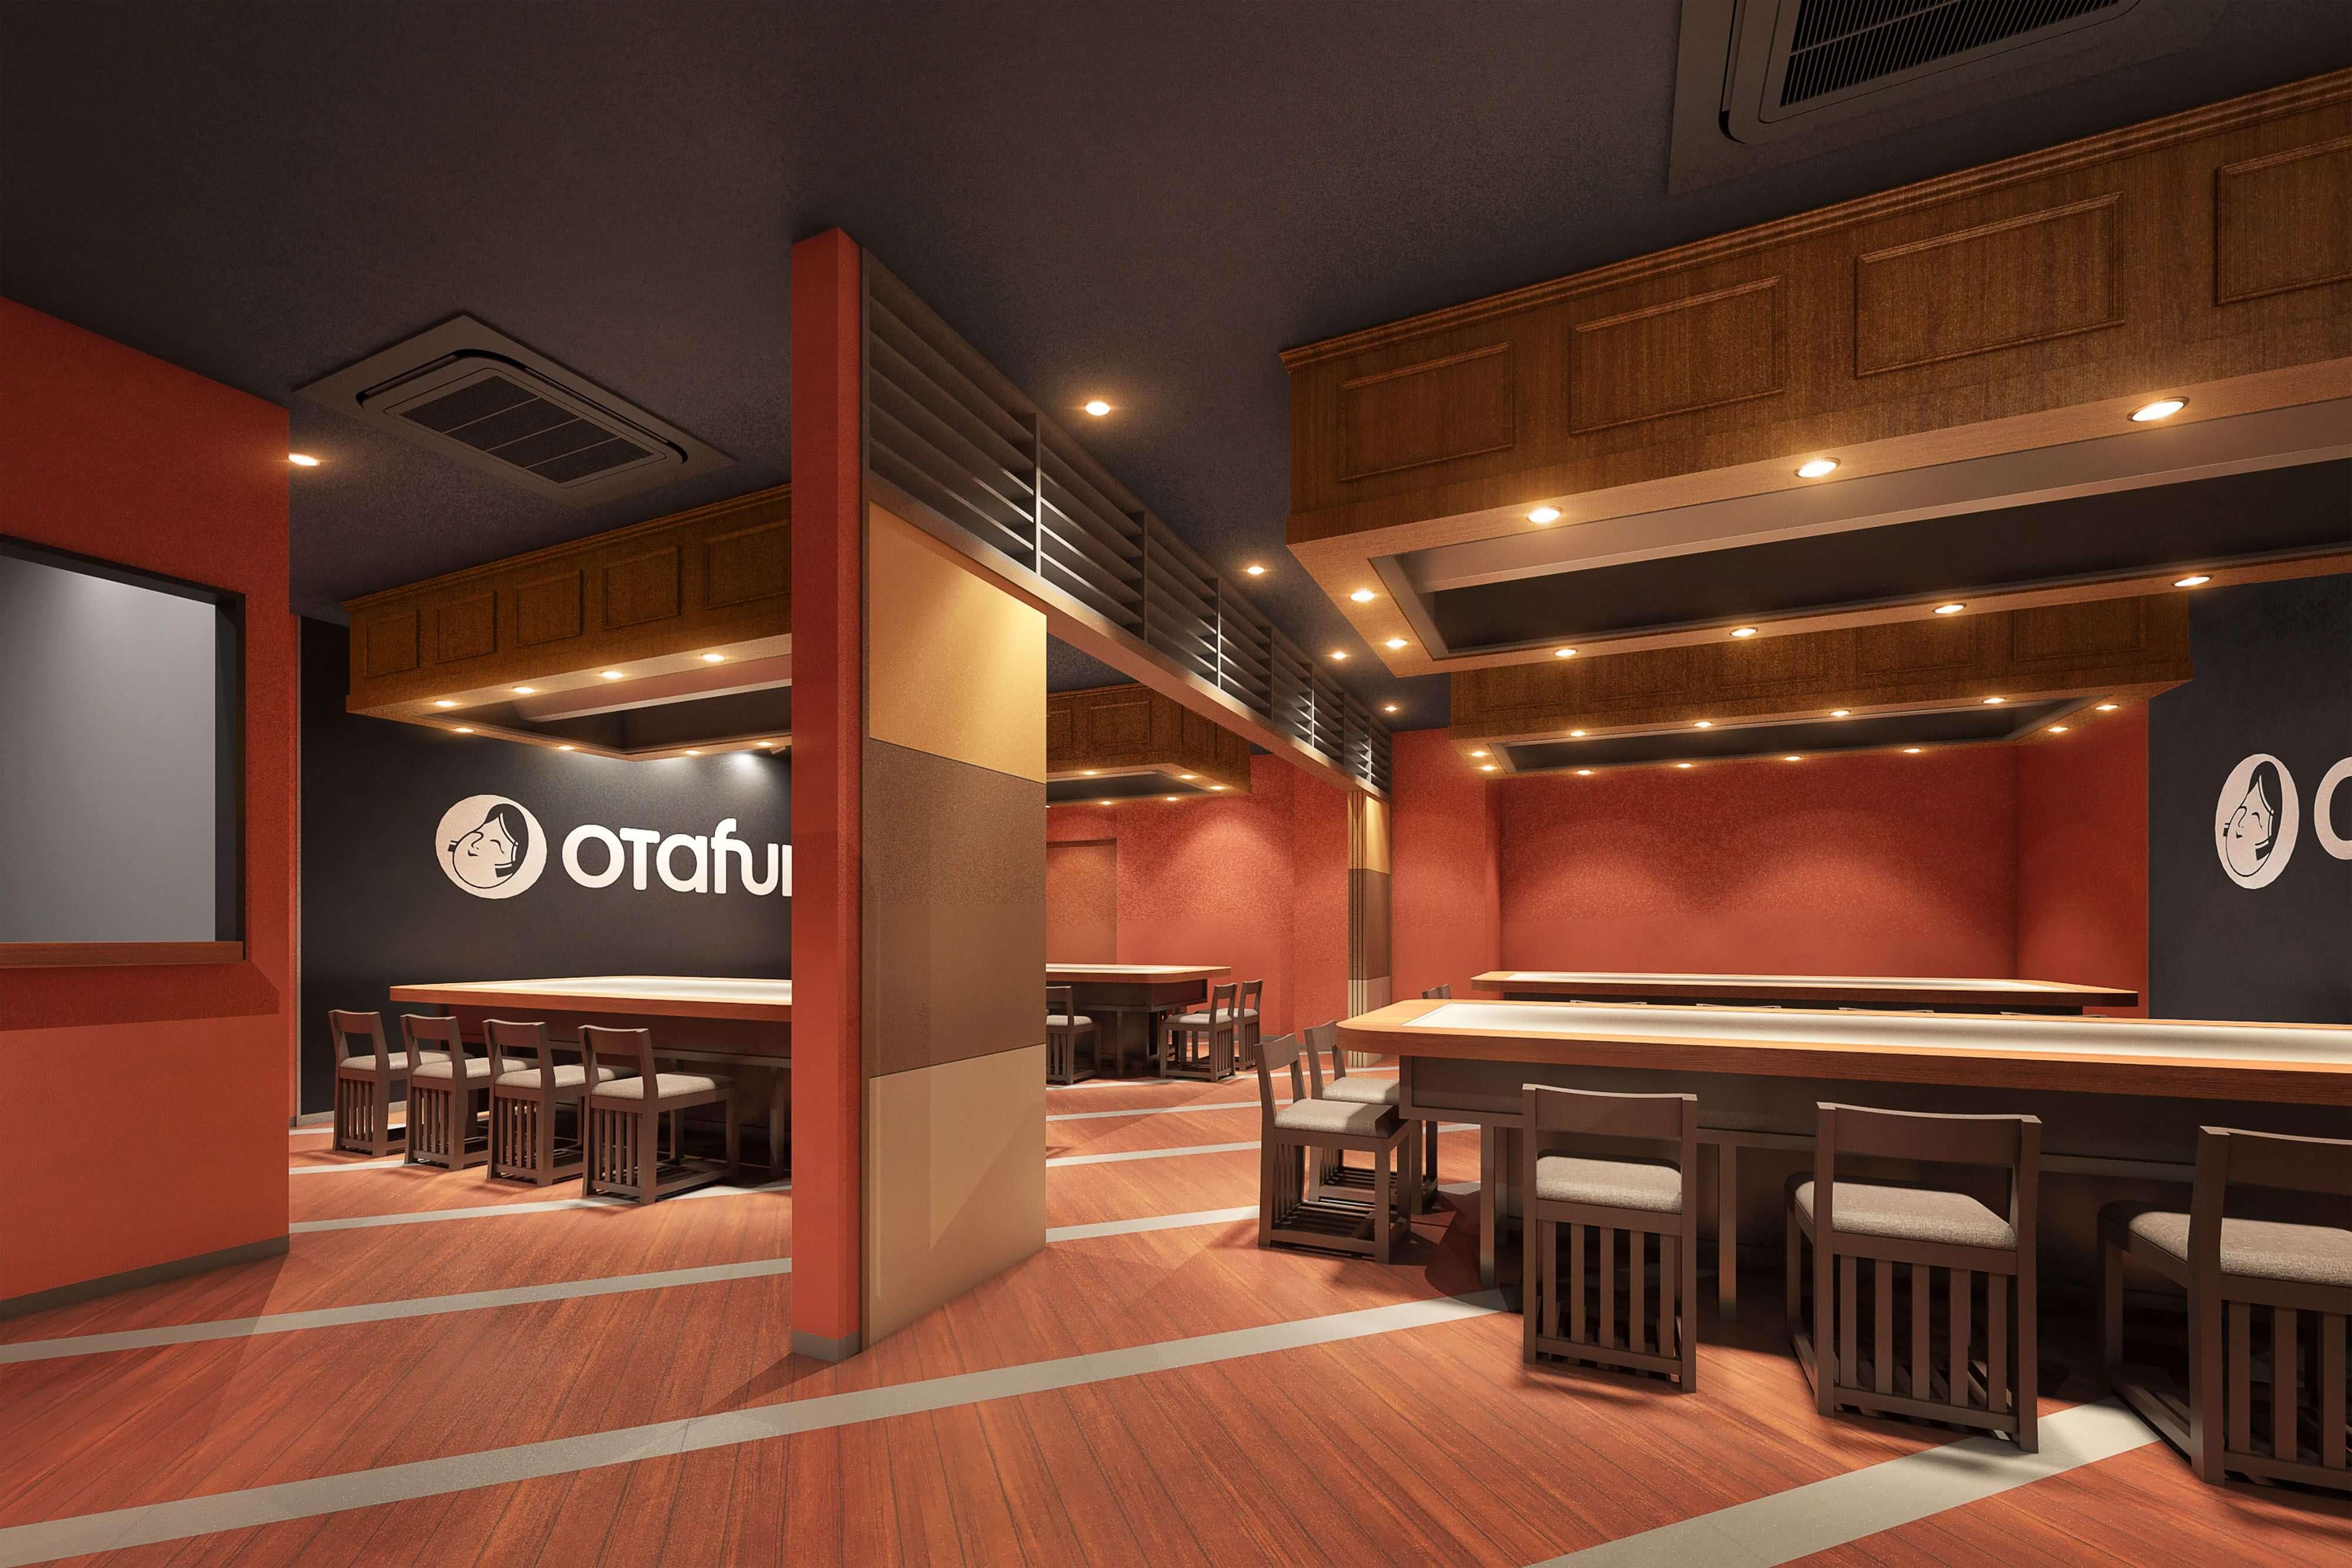 己做自己吃的廣島燒體驗教室「OKOSTA」於廣島站北口開幕 廣島、體驗、